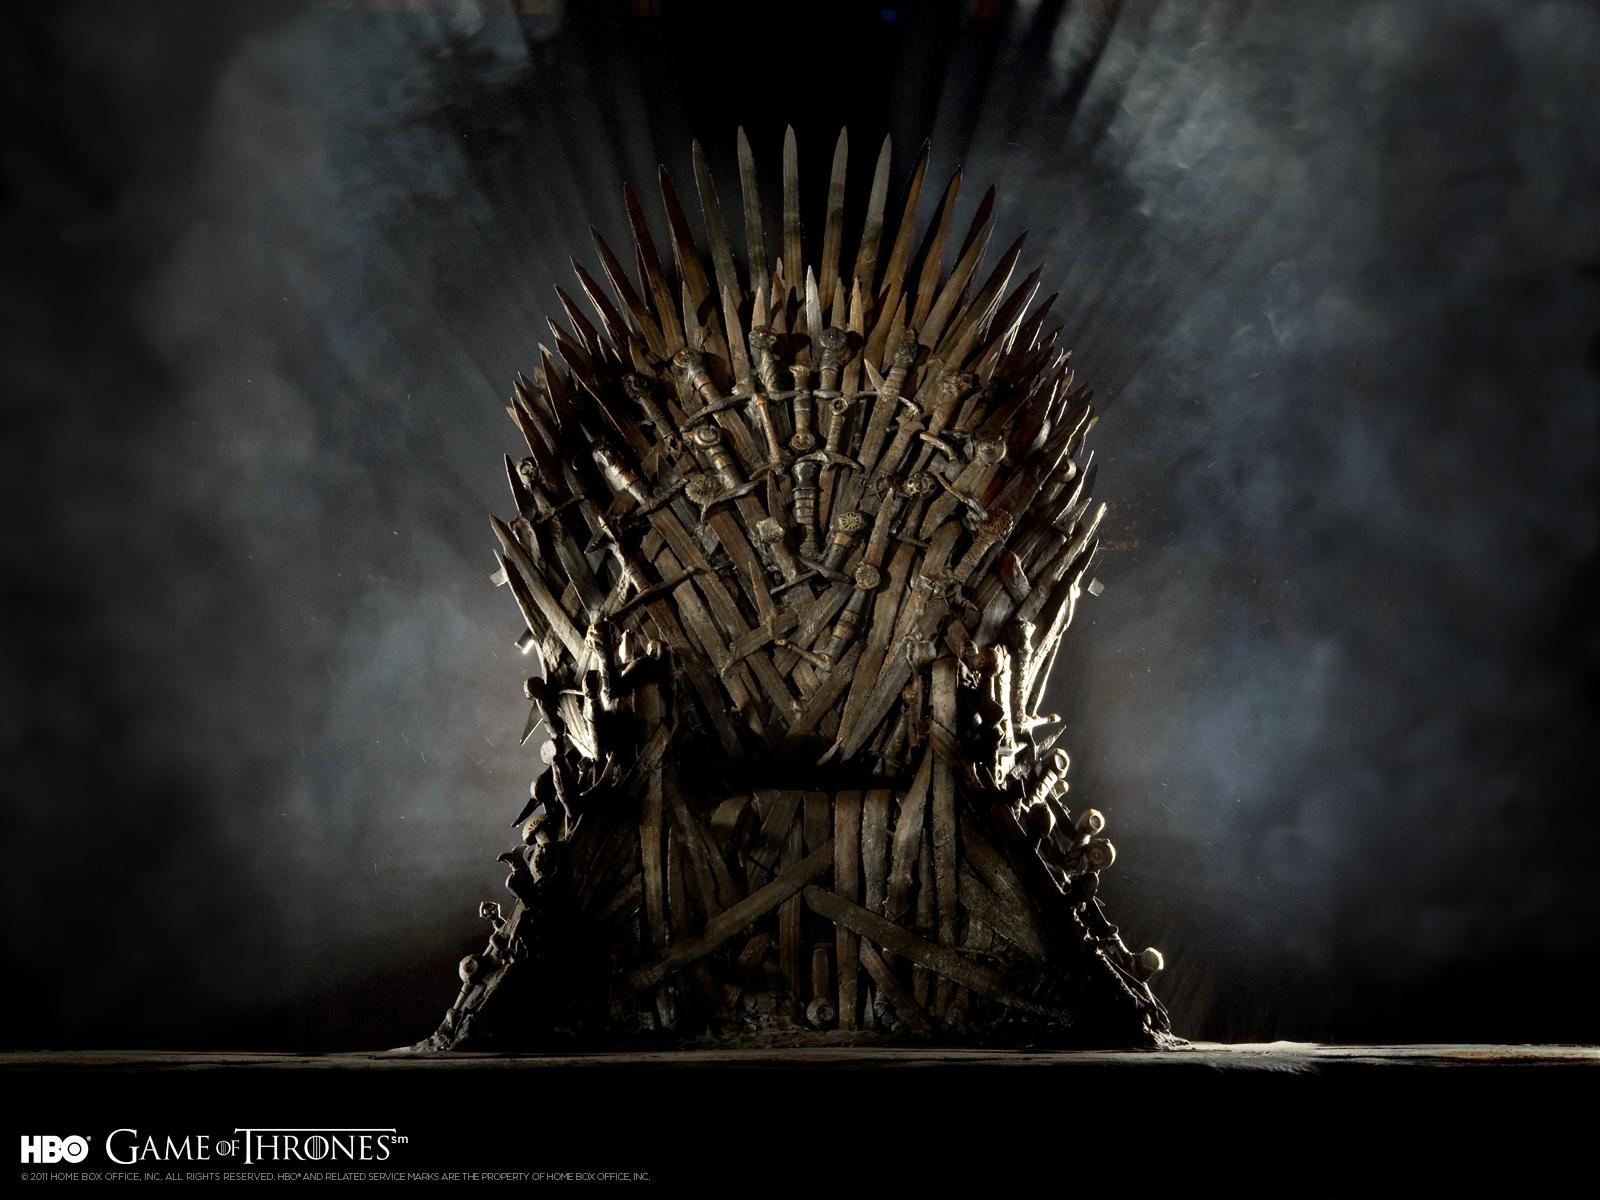 http://2.bp.blogspot.com/-Jl78dTWLu3g/UC7oe0wyPfI/AAAAAAAABmk/hkbIb373iXc/s1600/Game-of-Thrones-2011-wallpaper-Iron-Throne.jpg